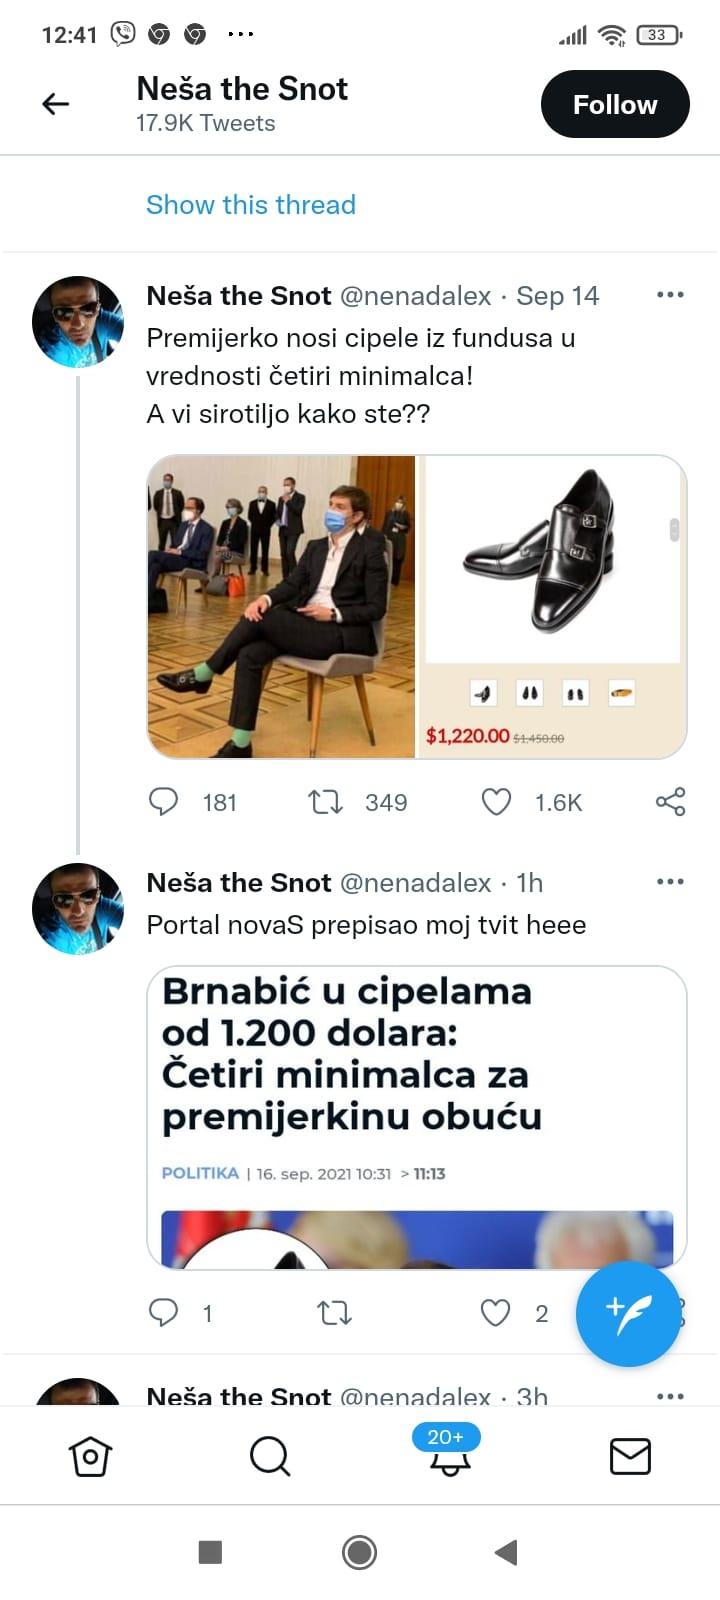 """Odakle Ani Brnabić """"tričavih"""" 1.200 dolara za cipele? 2"""